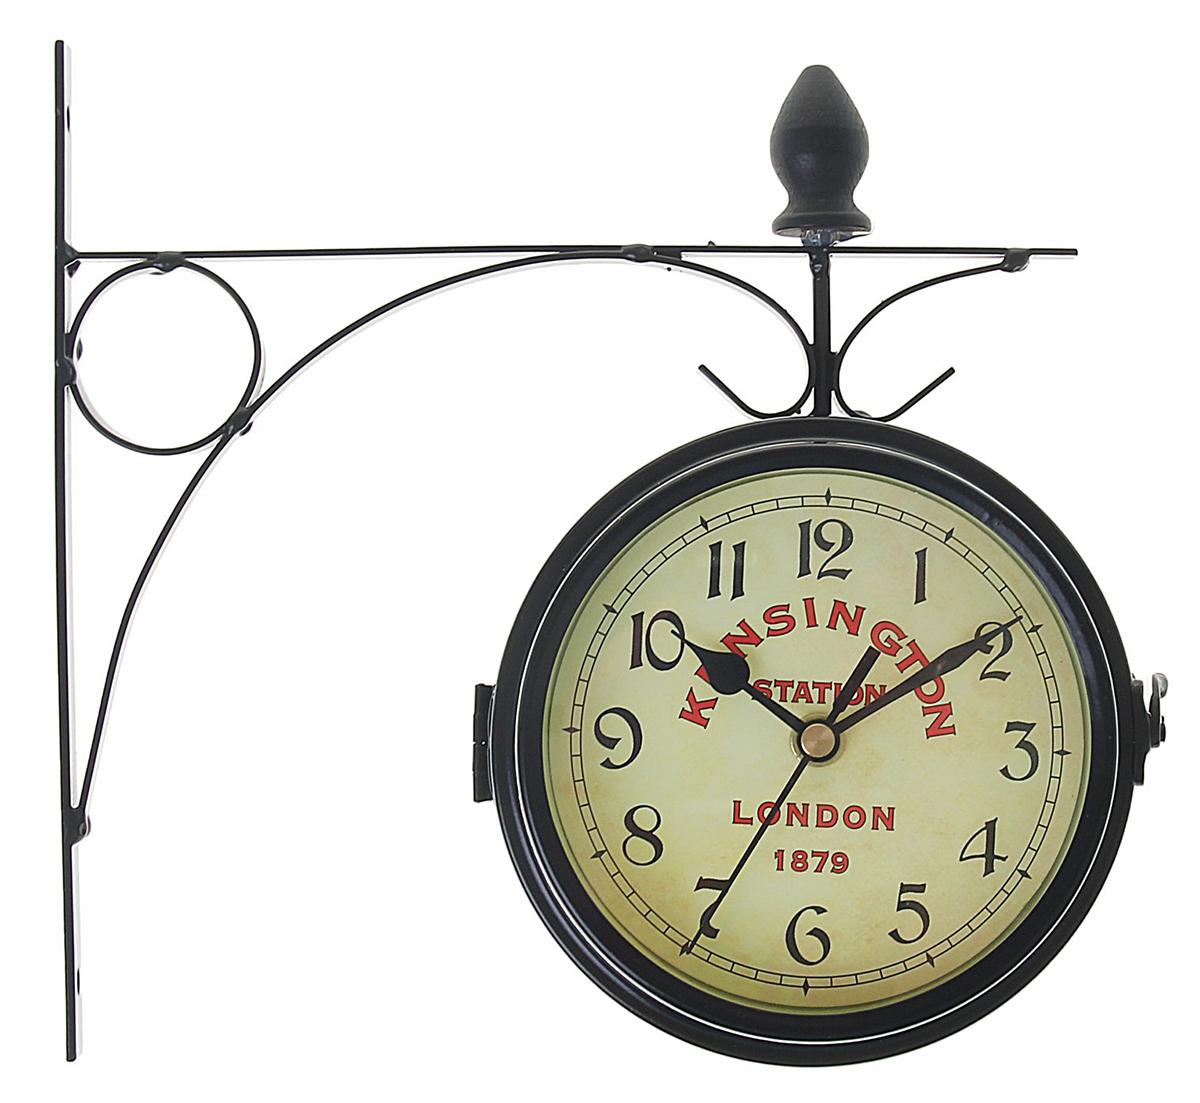 Часы настенные двойные Kinsington station, диаметр 16 см1252073Каждому хозяину периодически приходит мысль обновить свою квартиру, сделать ремонт, перестановку или кардинально поменять внешний вид каждой комнаты. Часы настенные двусторонние Kinsington station на подвесе, d=16 см, черные — привлекательная деталь, которая поможет воплотить вашу интерьерную идею, создать неповторимую атмосферу в вашем доме. Окружите себя приятными мелочами, пусть они радуют глаз и дарят гармонию.Двойные настенные часы, крепление-мет, Круг черный, на циферблате-Kinsington station d=16см 1252073